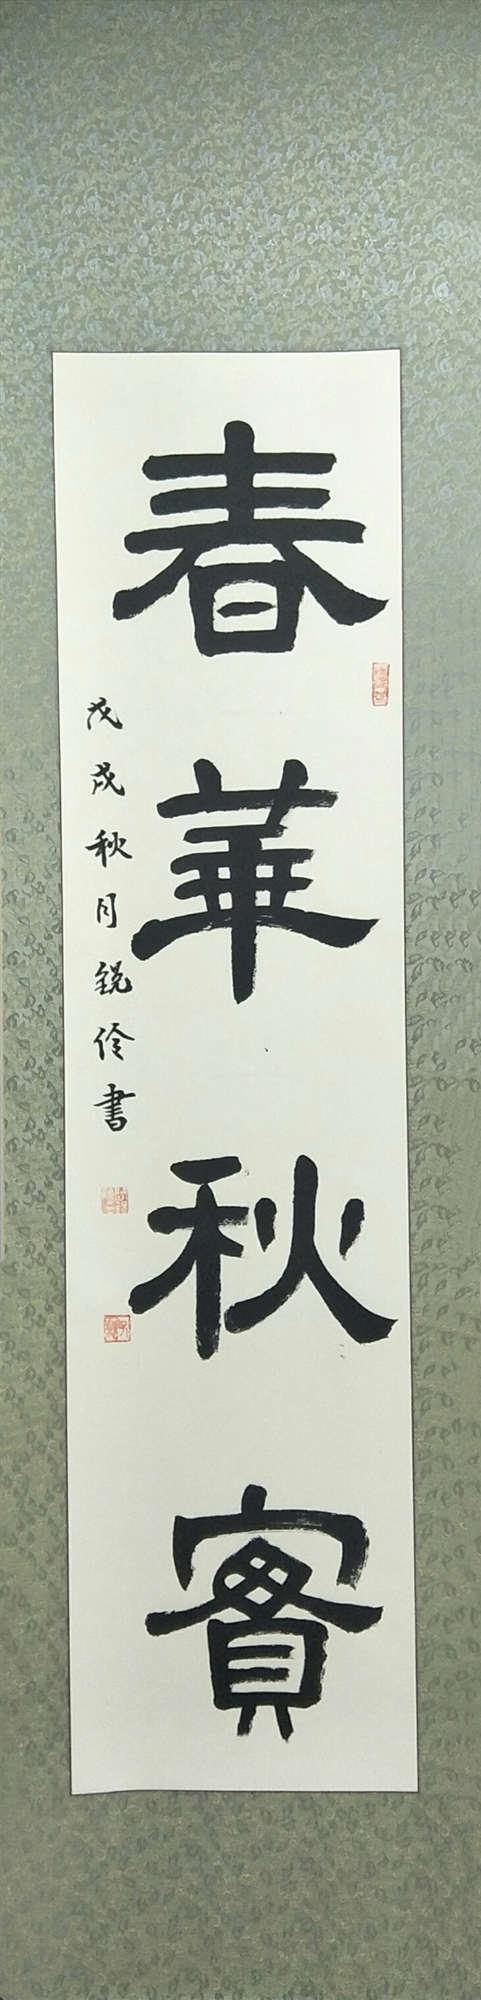 在首届中国书法院碑书法大赛中获银奖. 作品欣赏